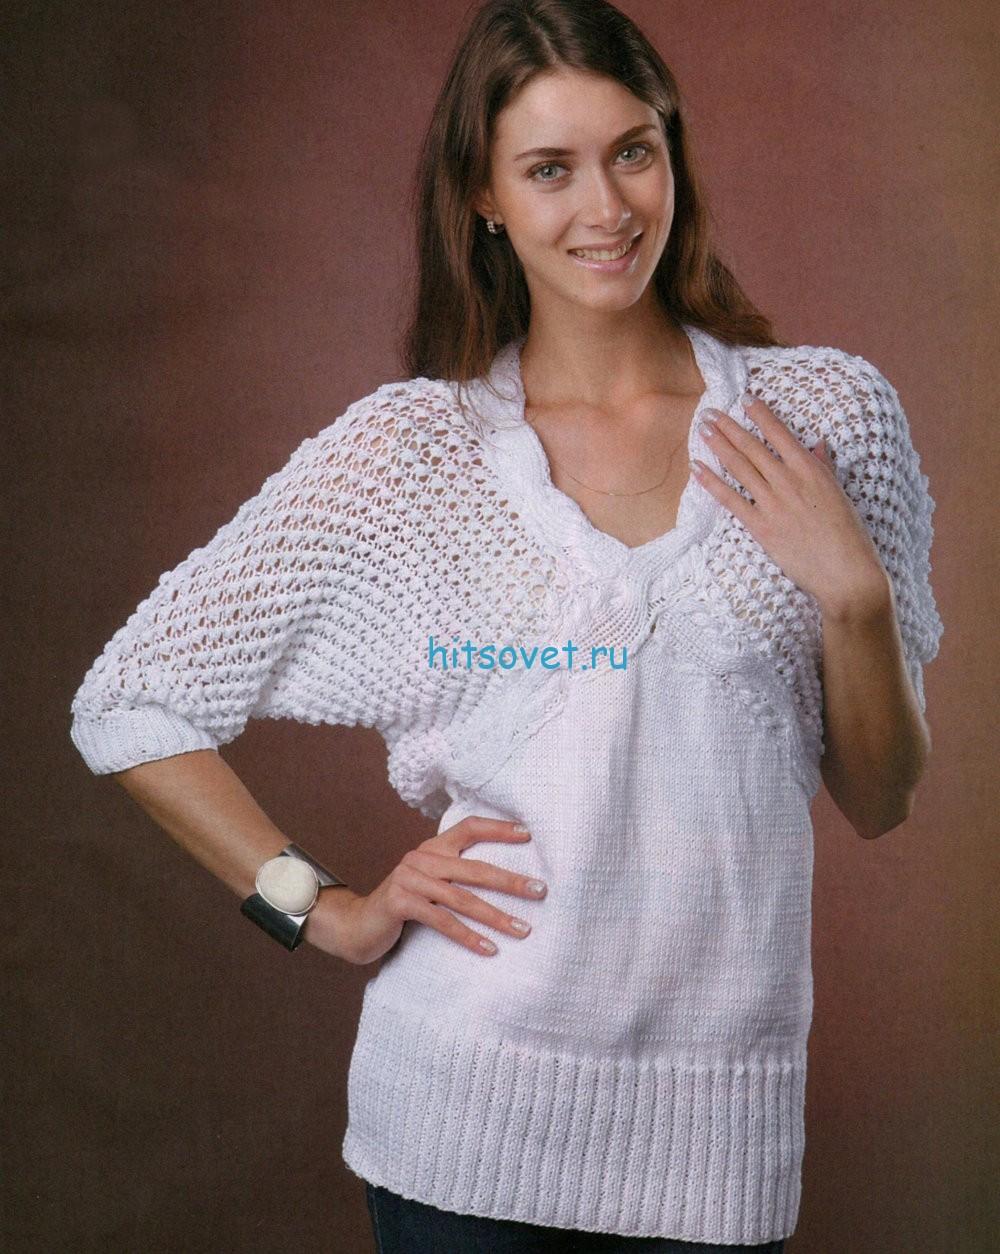 Белый пуловер с ажурным узором